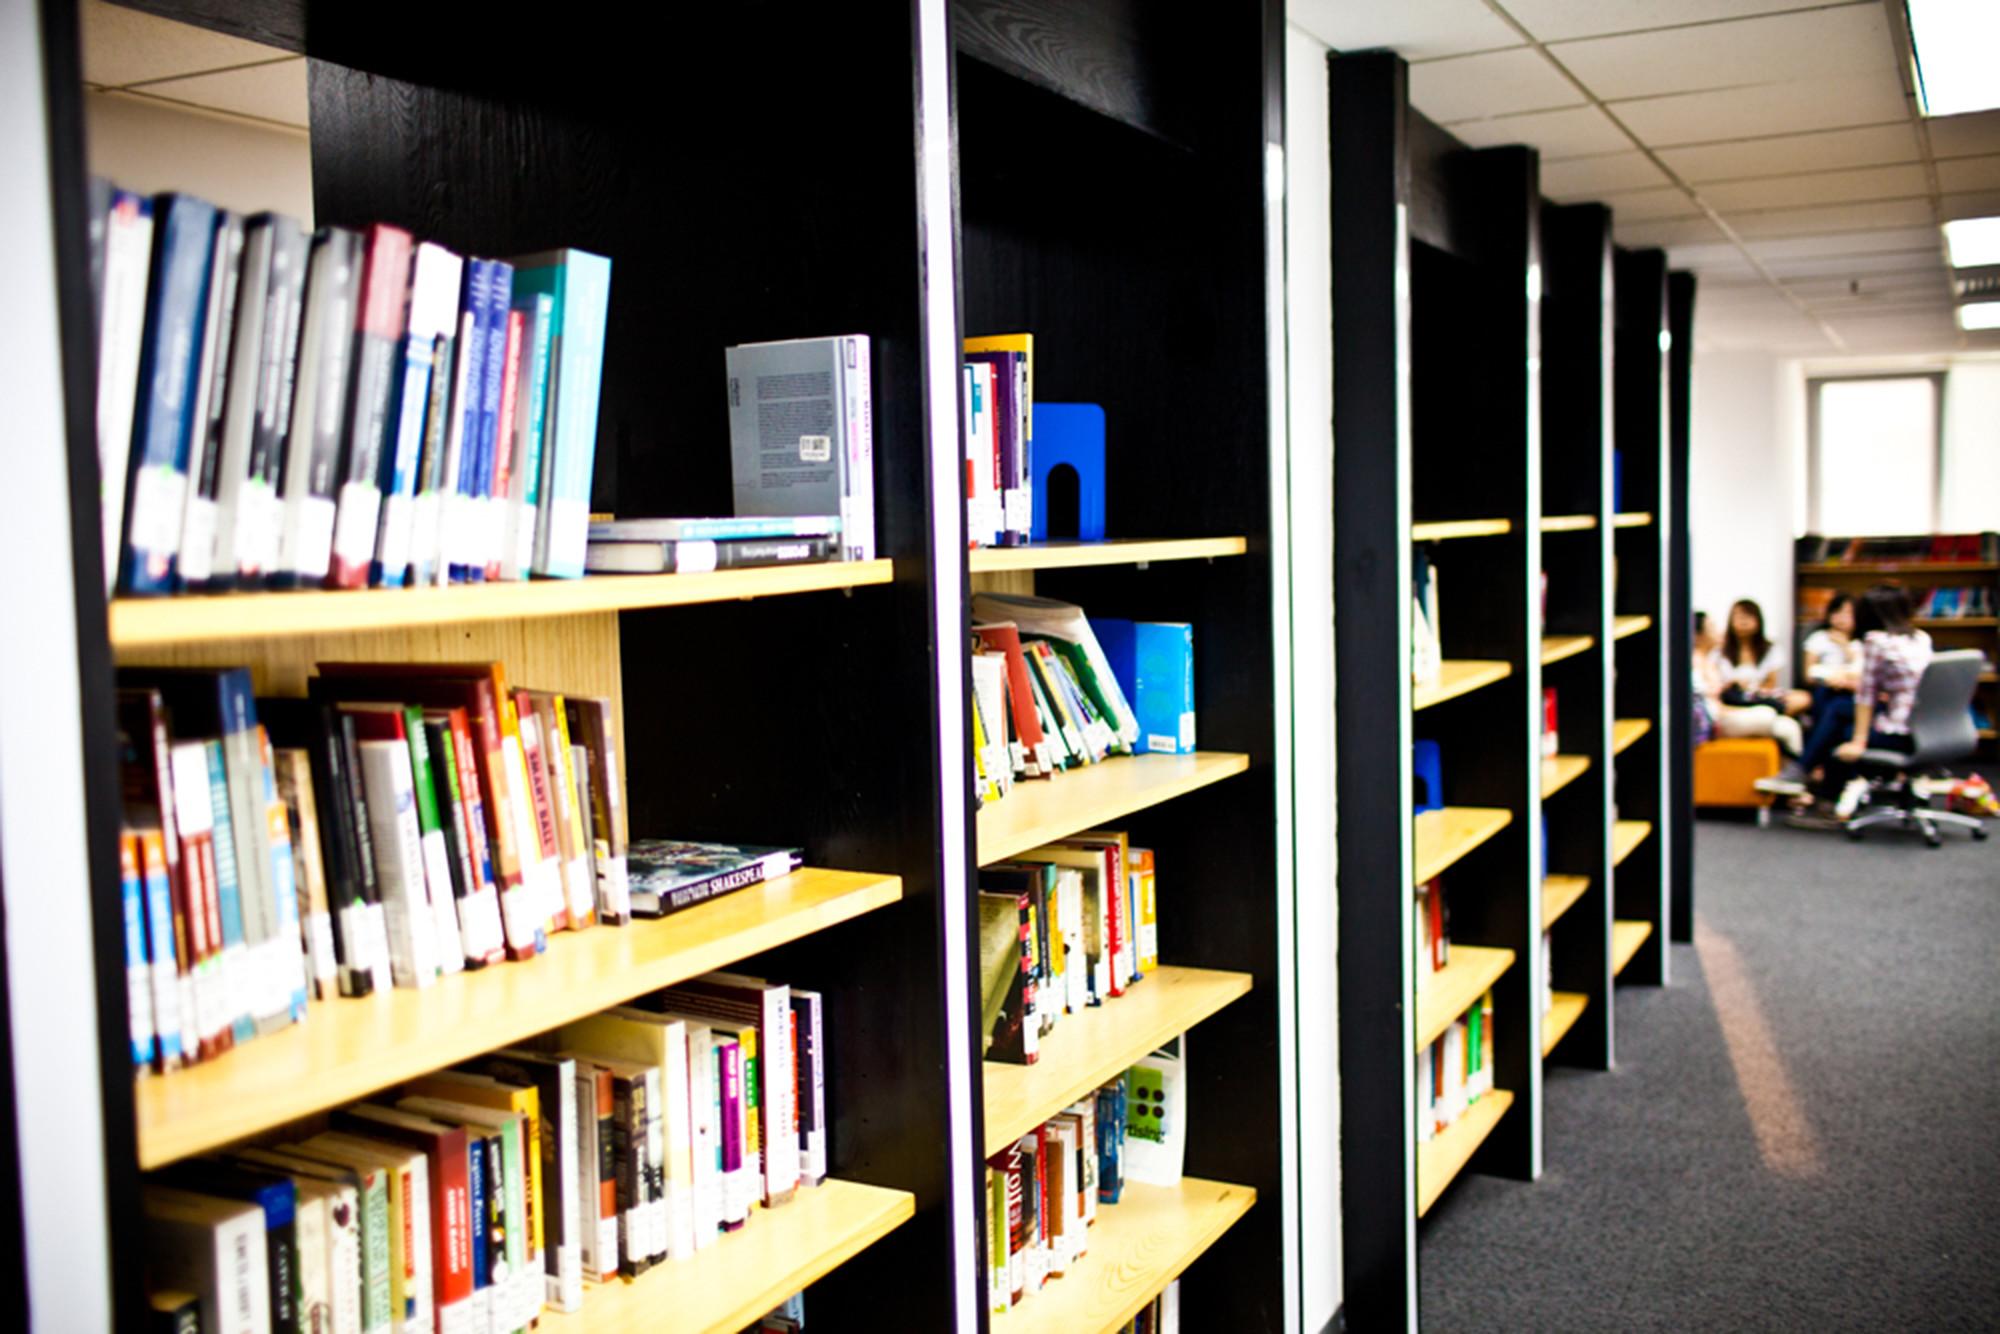 Kho học liệu tiếng Anh lớn nhất hiện nay tại VN gọi tên thư viện RMIT